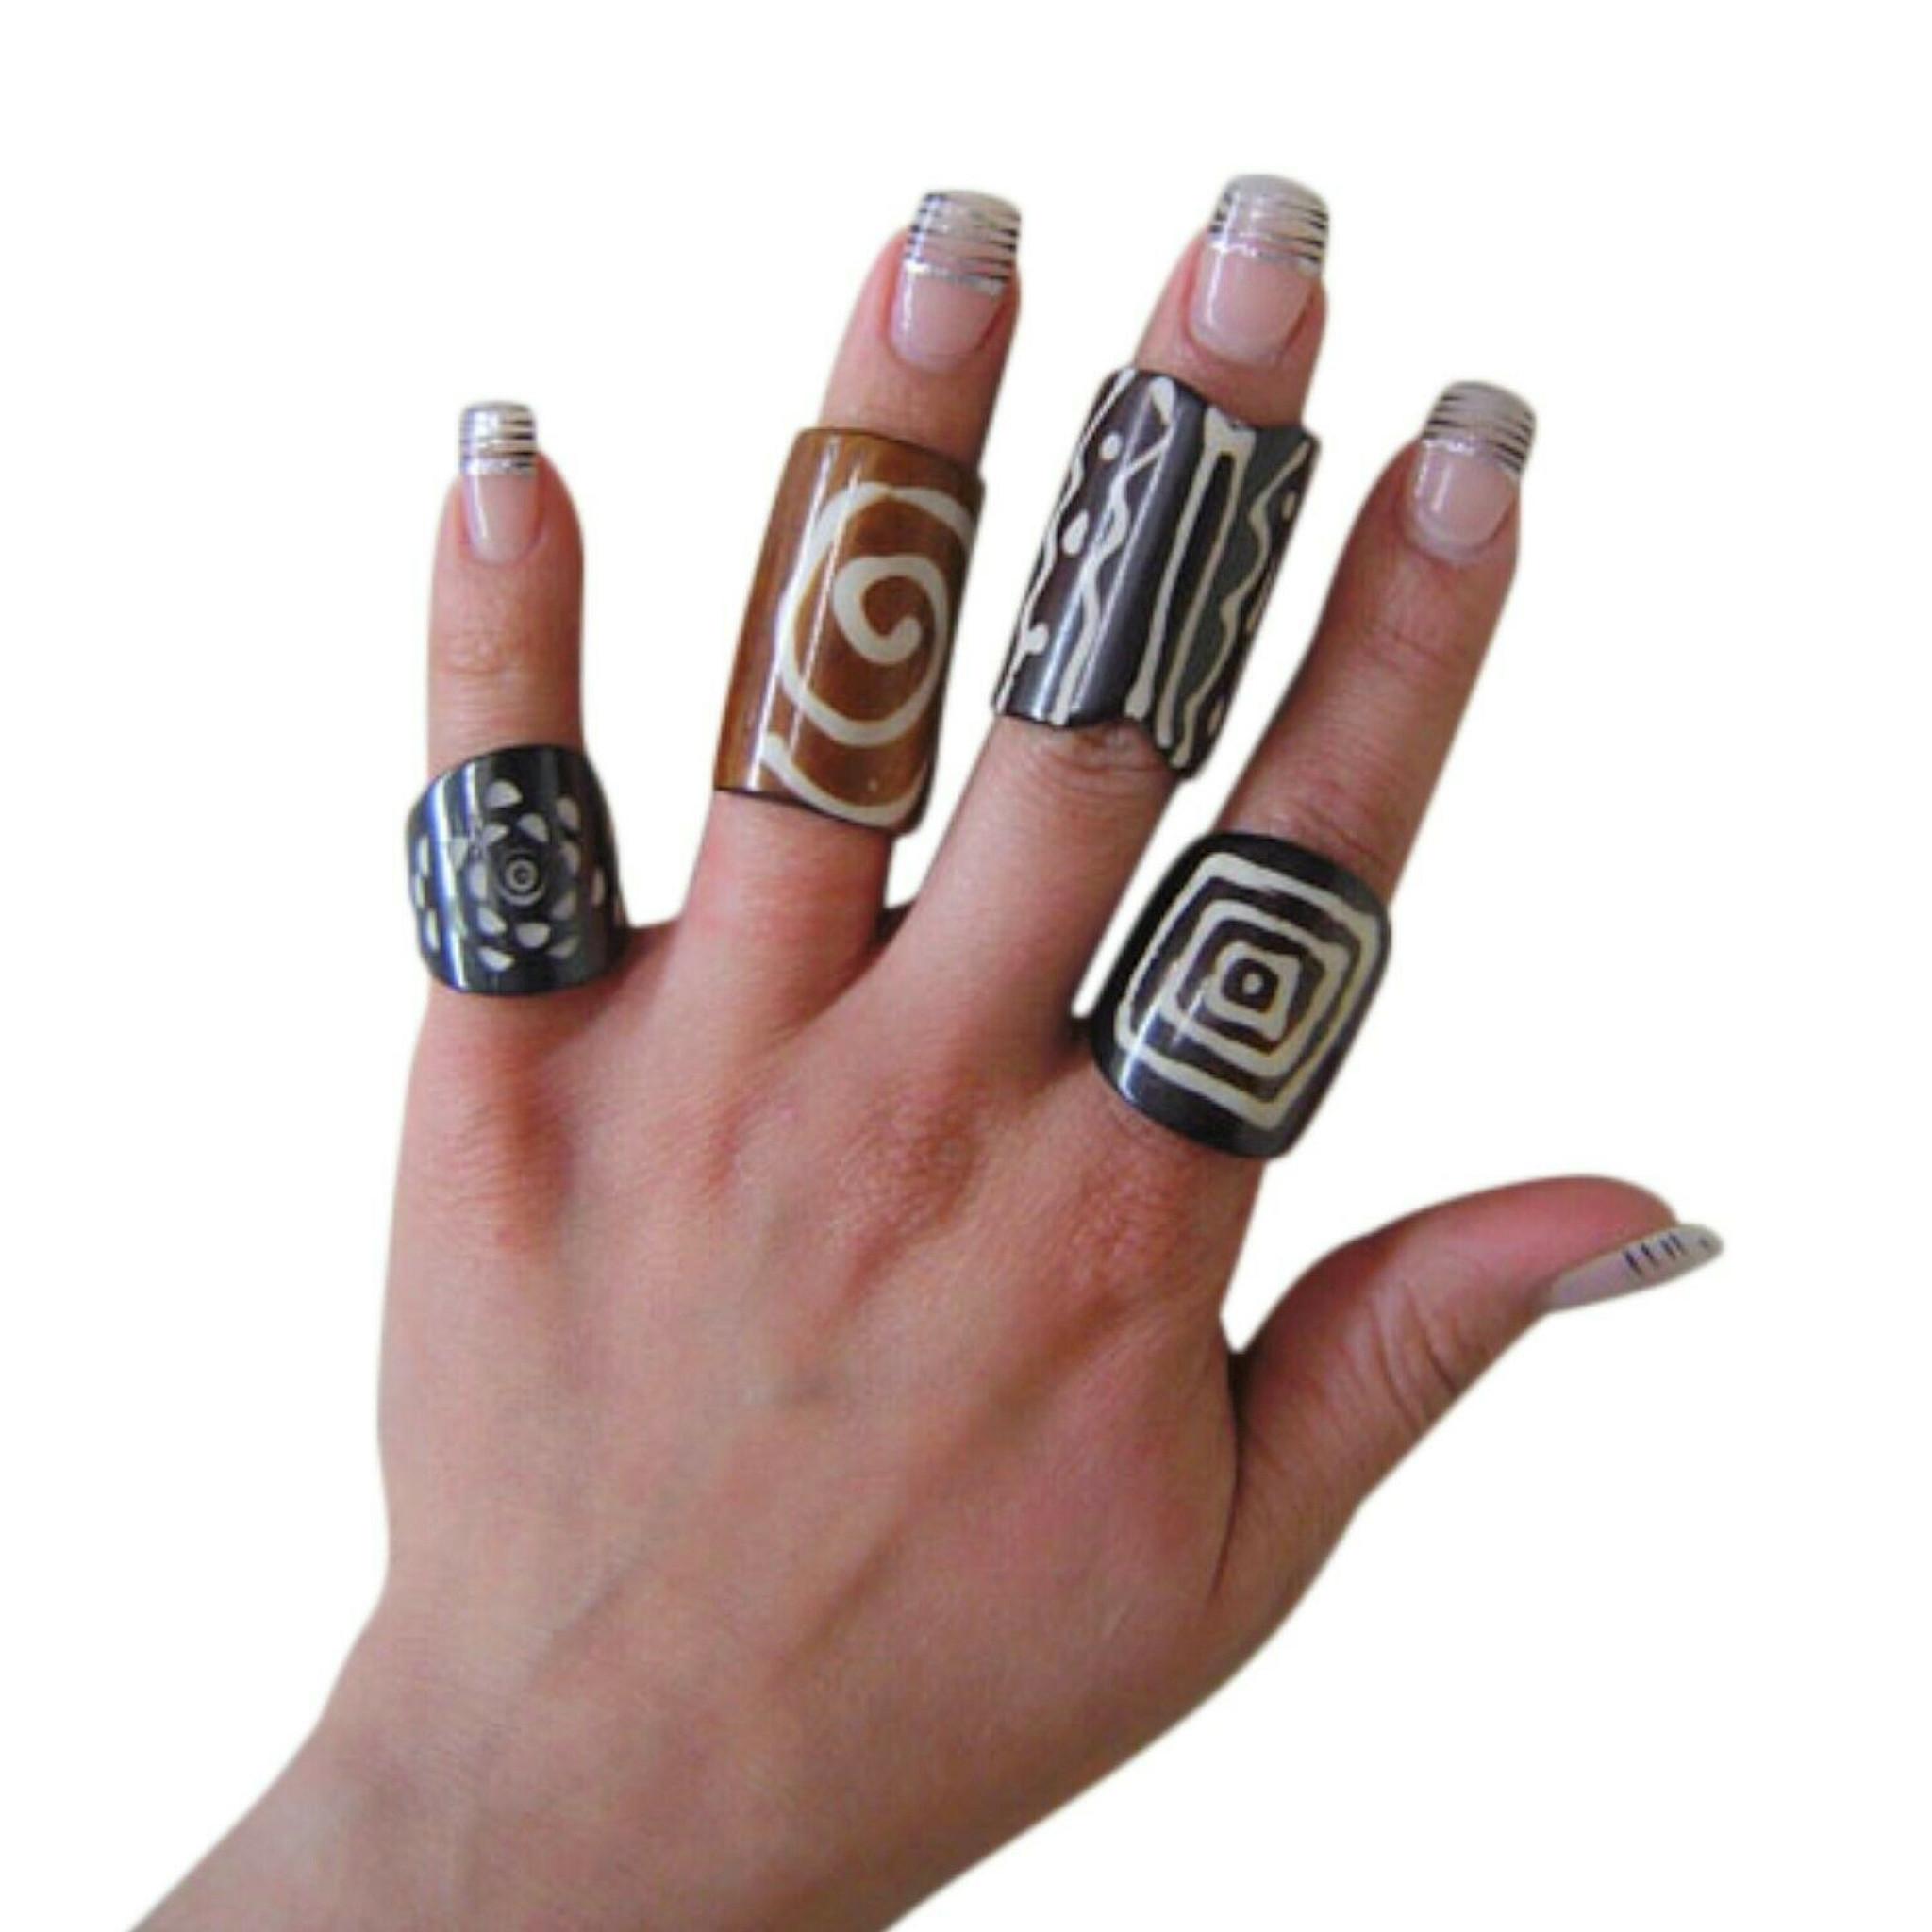 Assorted Batik Print Bone Rings